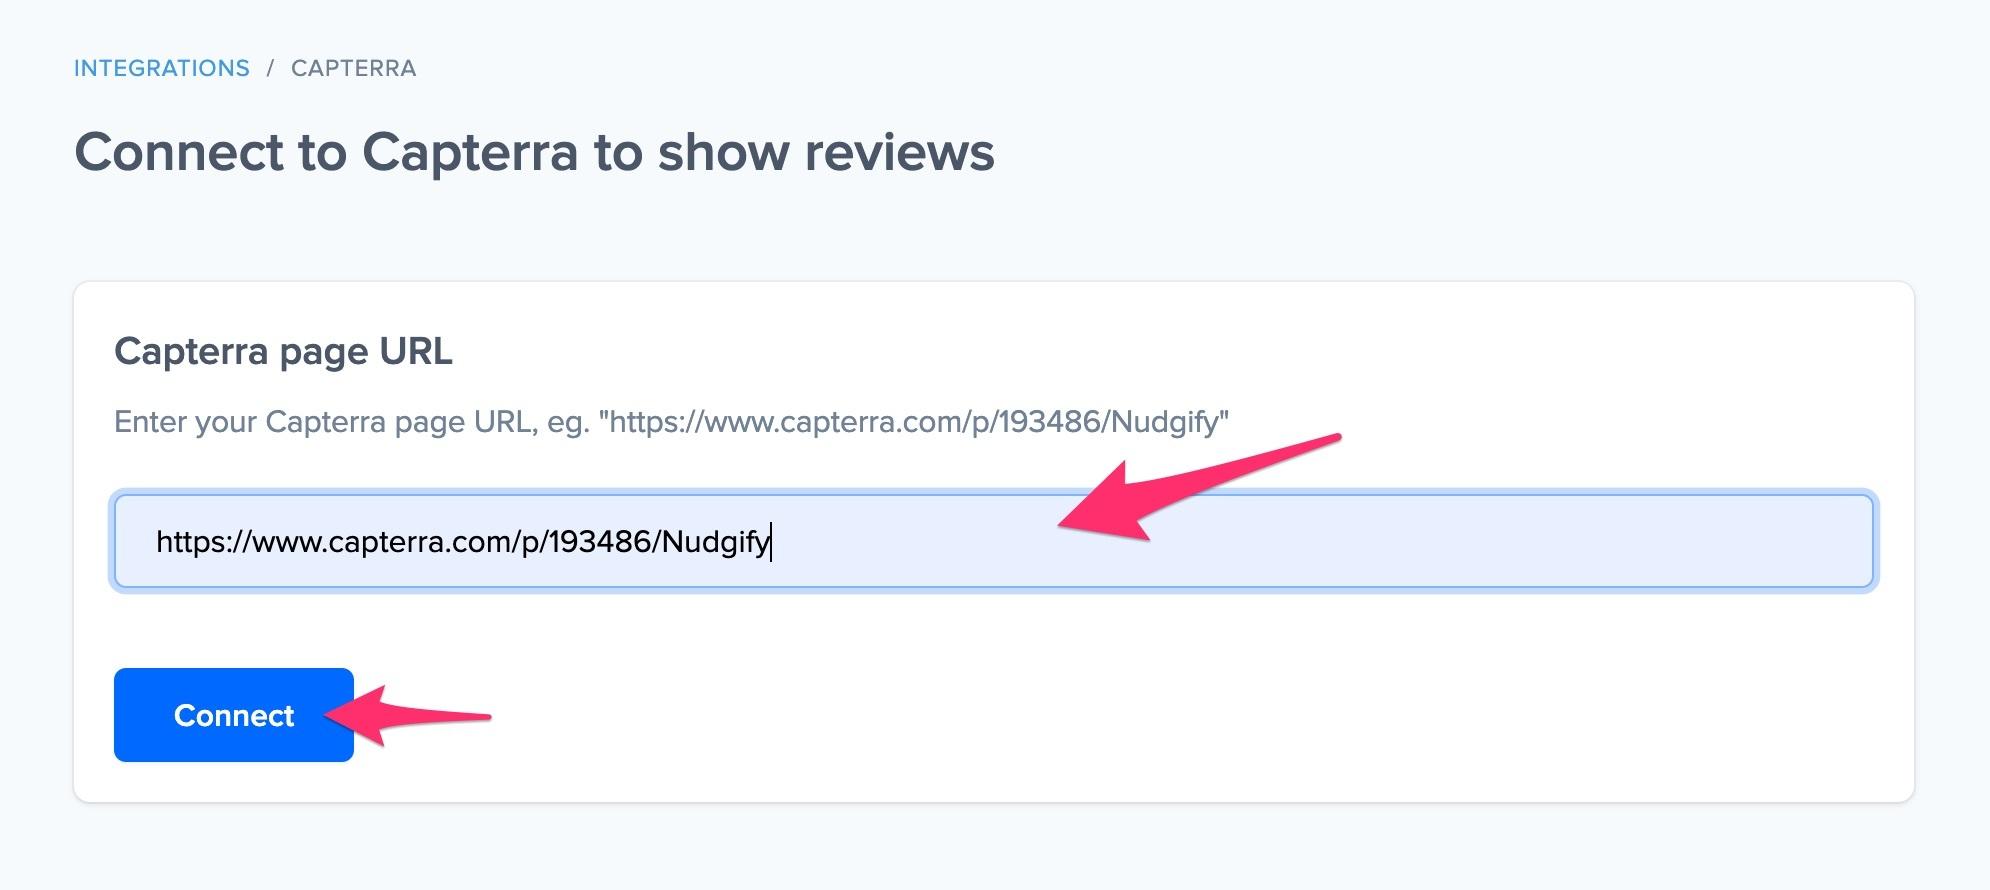 Capterra show reviews